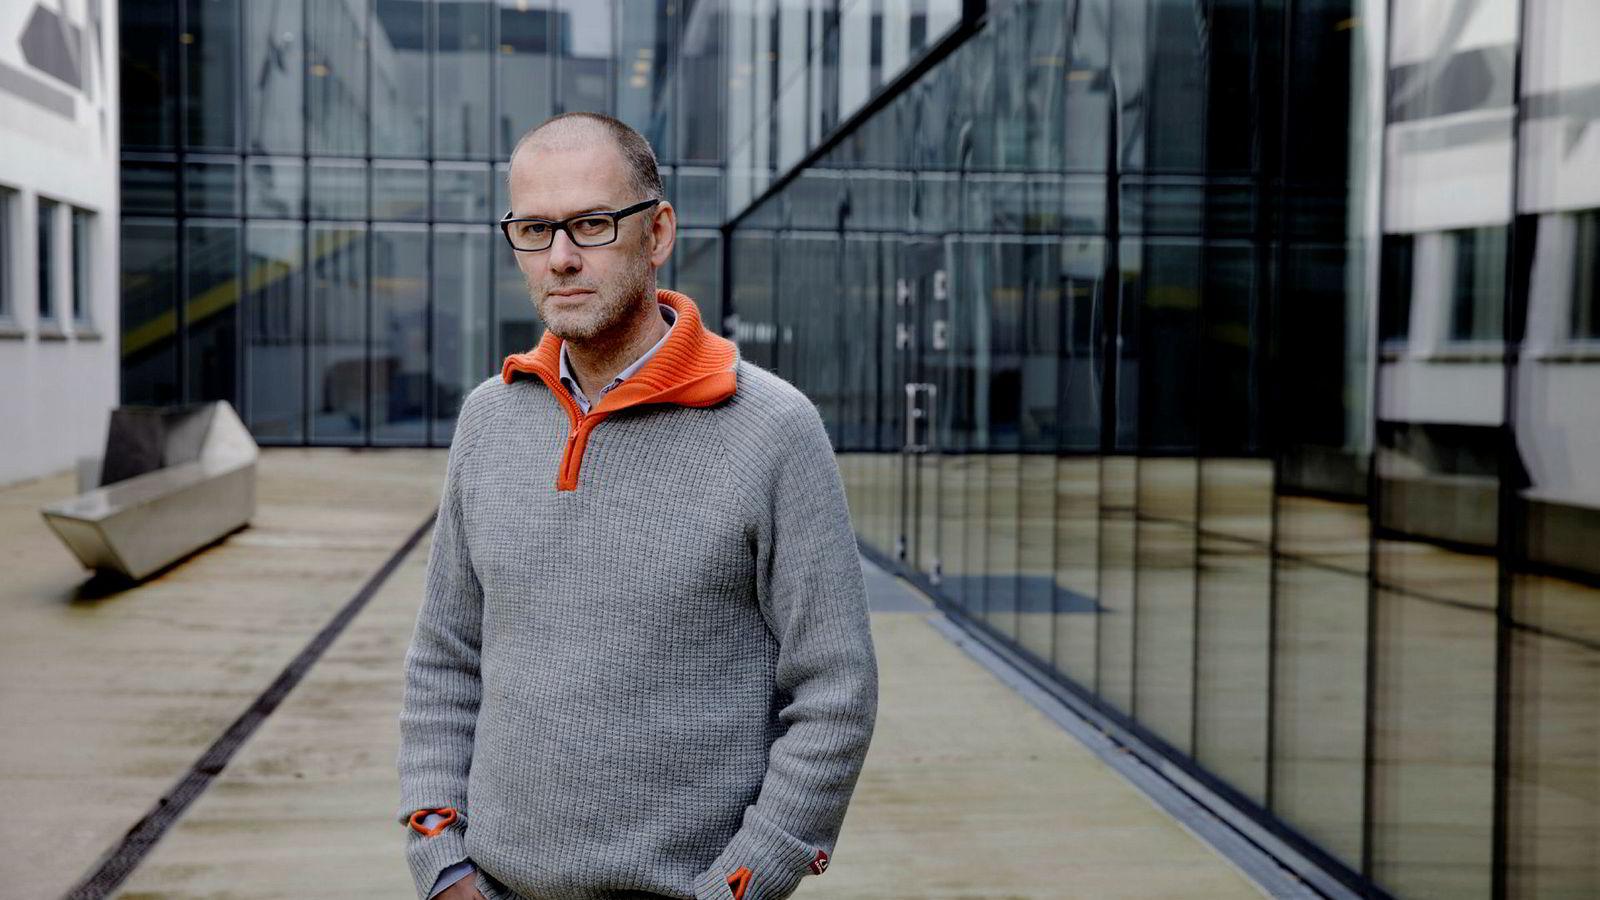 Professor Øystein Foros mener punktet der Verisure sier selskapet og dets salgspartnere primært ikke skal ta kunder fra andre, hindrer konkurranse i alarmmarkedet.